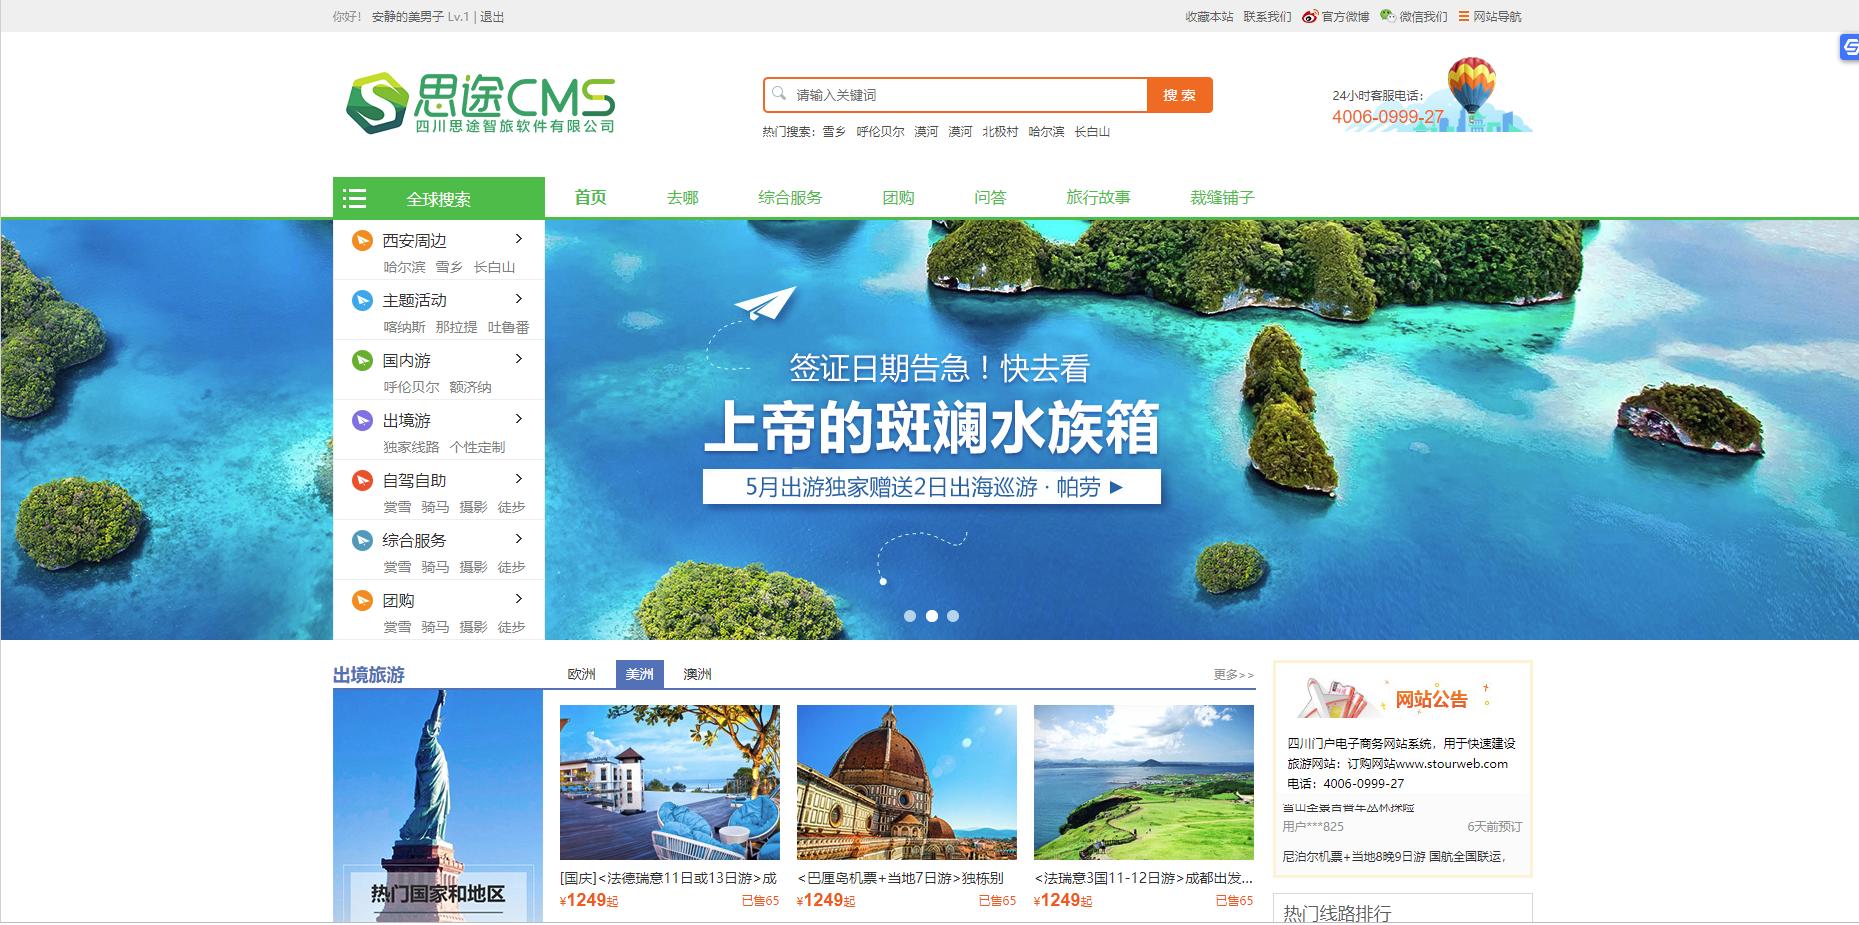 如何设计一个吸引用户眼球的旅游网站